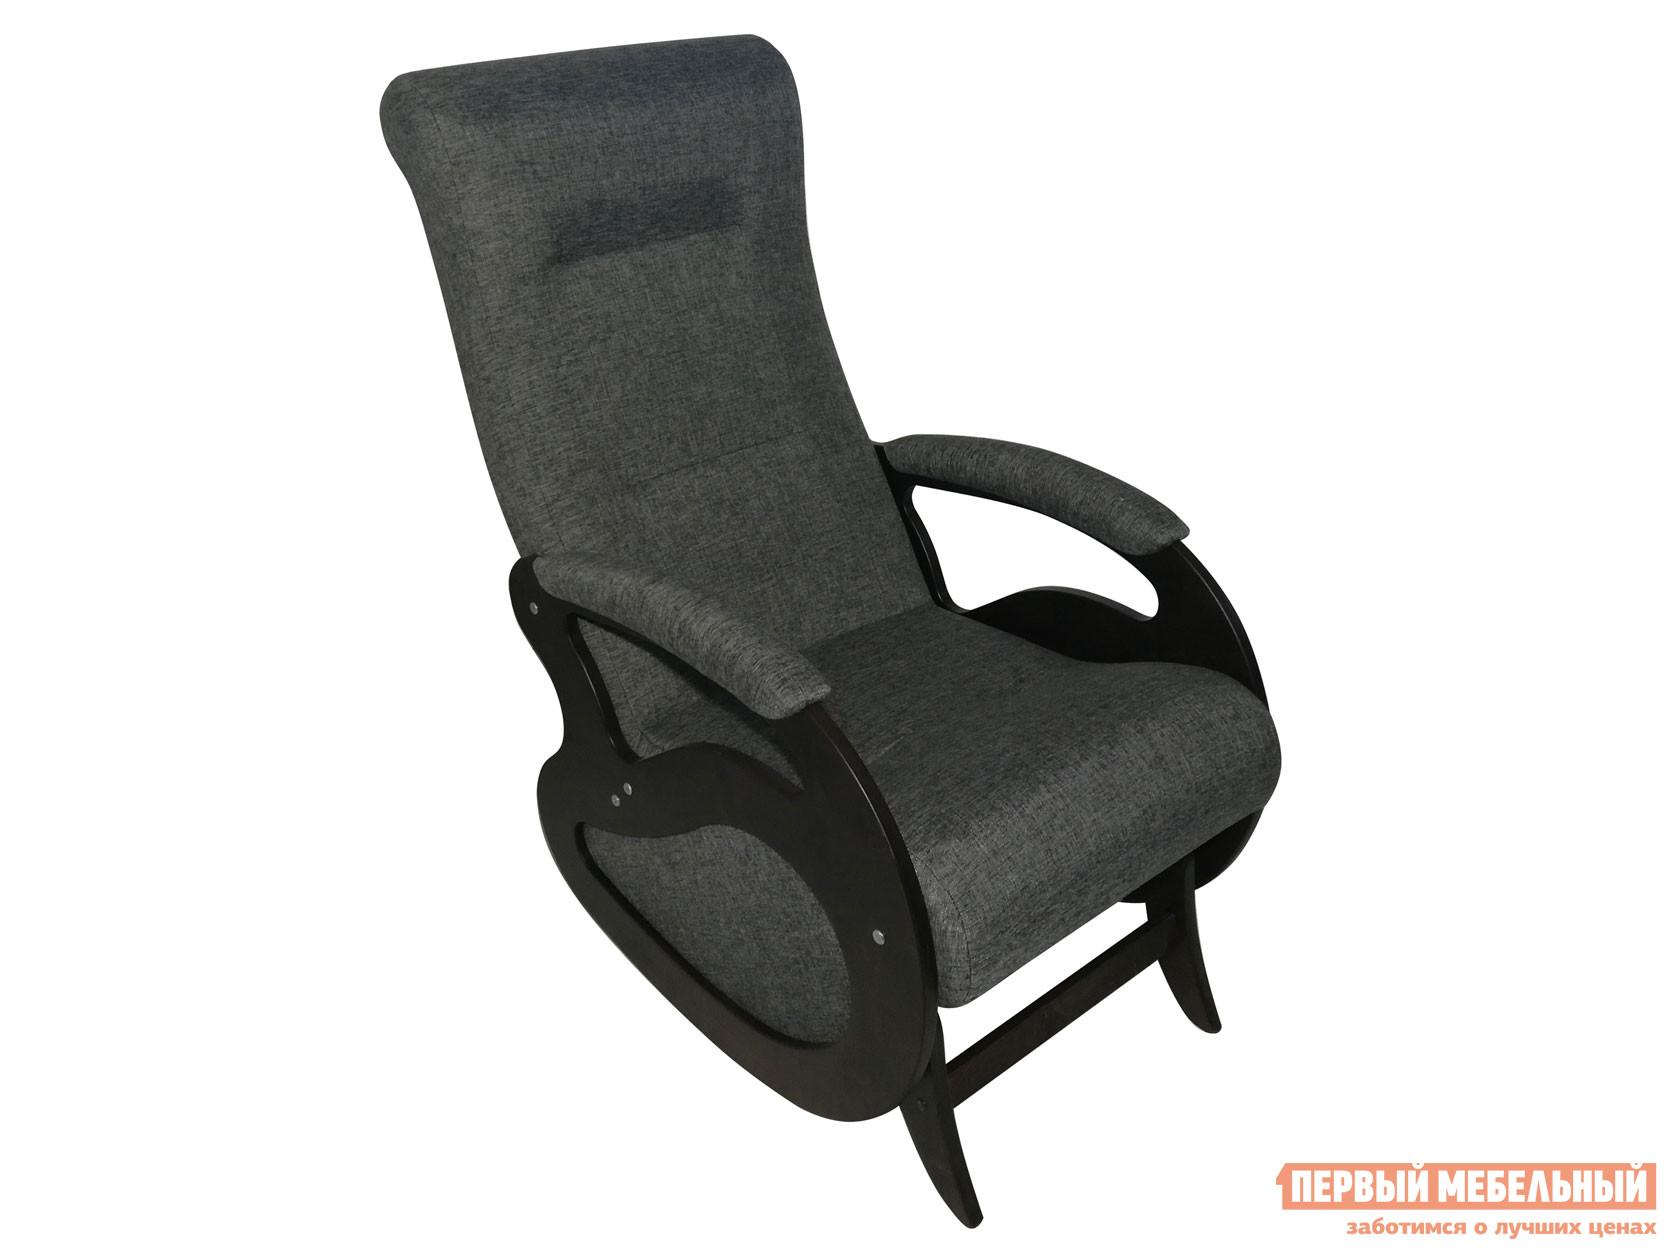 Кресло-качалка  Кресло качалка Маятник Темный орех / Графит, рогожка Мебвилл 127320